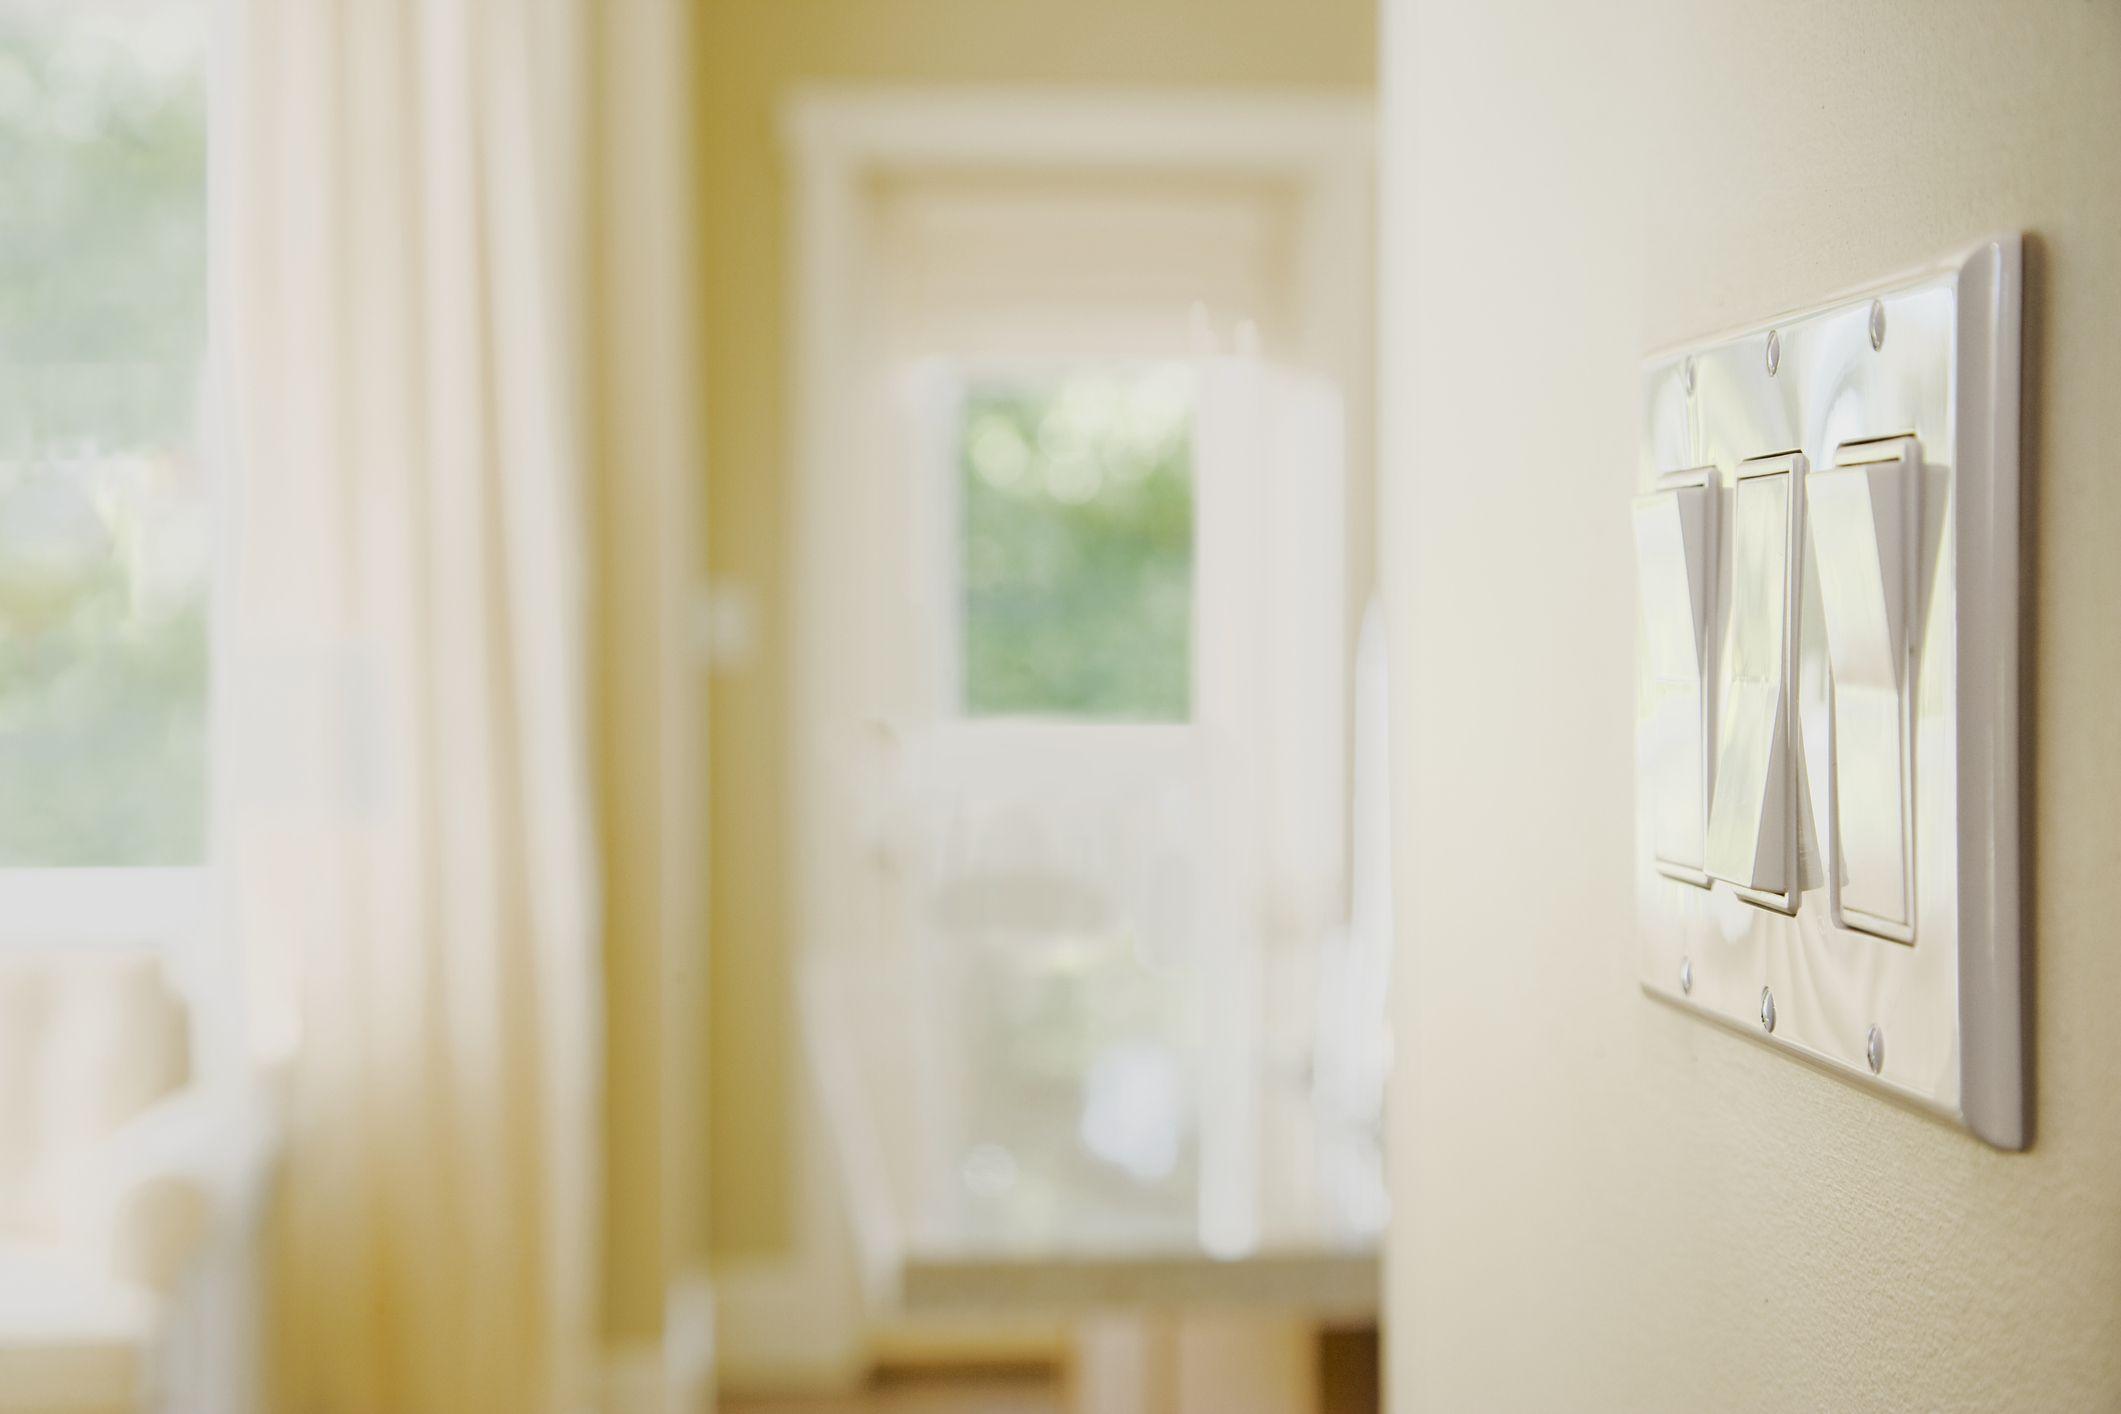 Permalink to Elegant Closet Door Light Switch Graphics